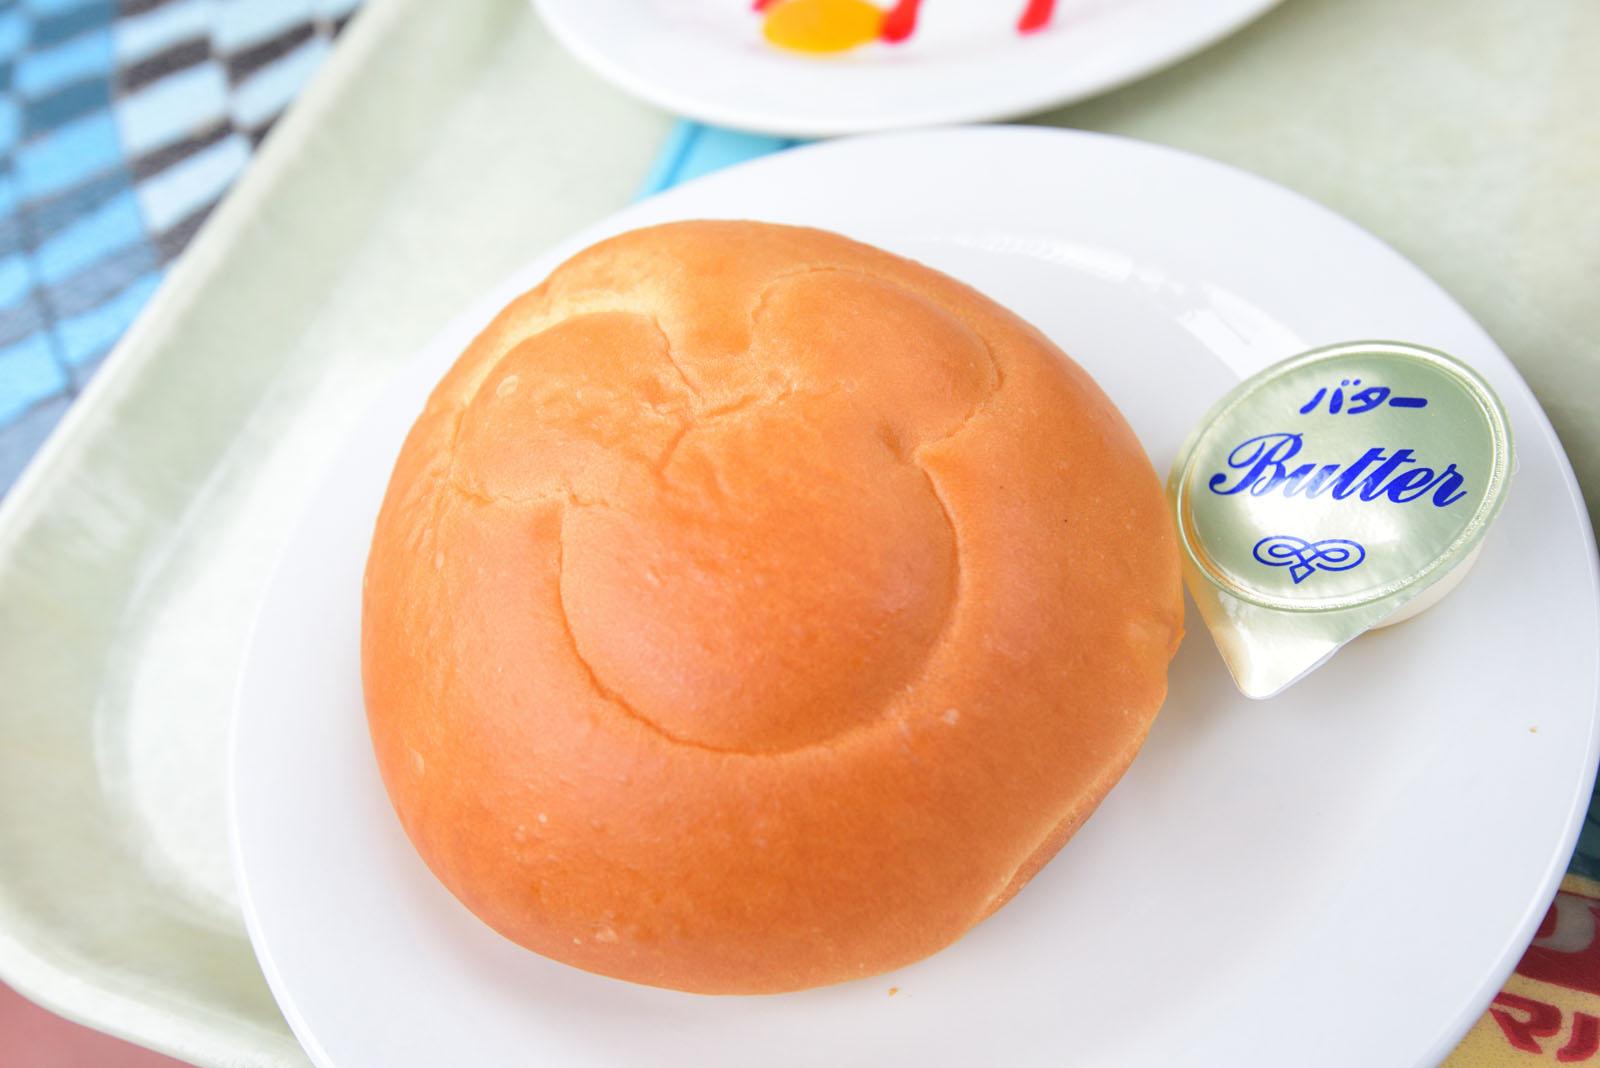 プラザパビリオン・レストラン  ディズニー・イースター2019 スペシャルセット パン